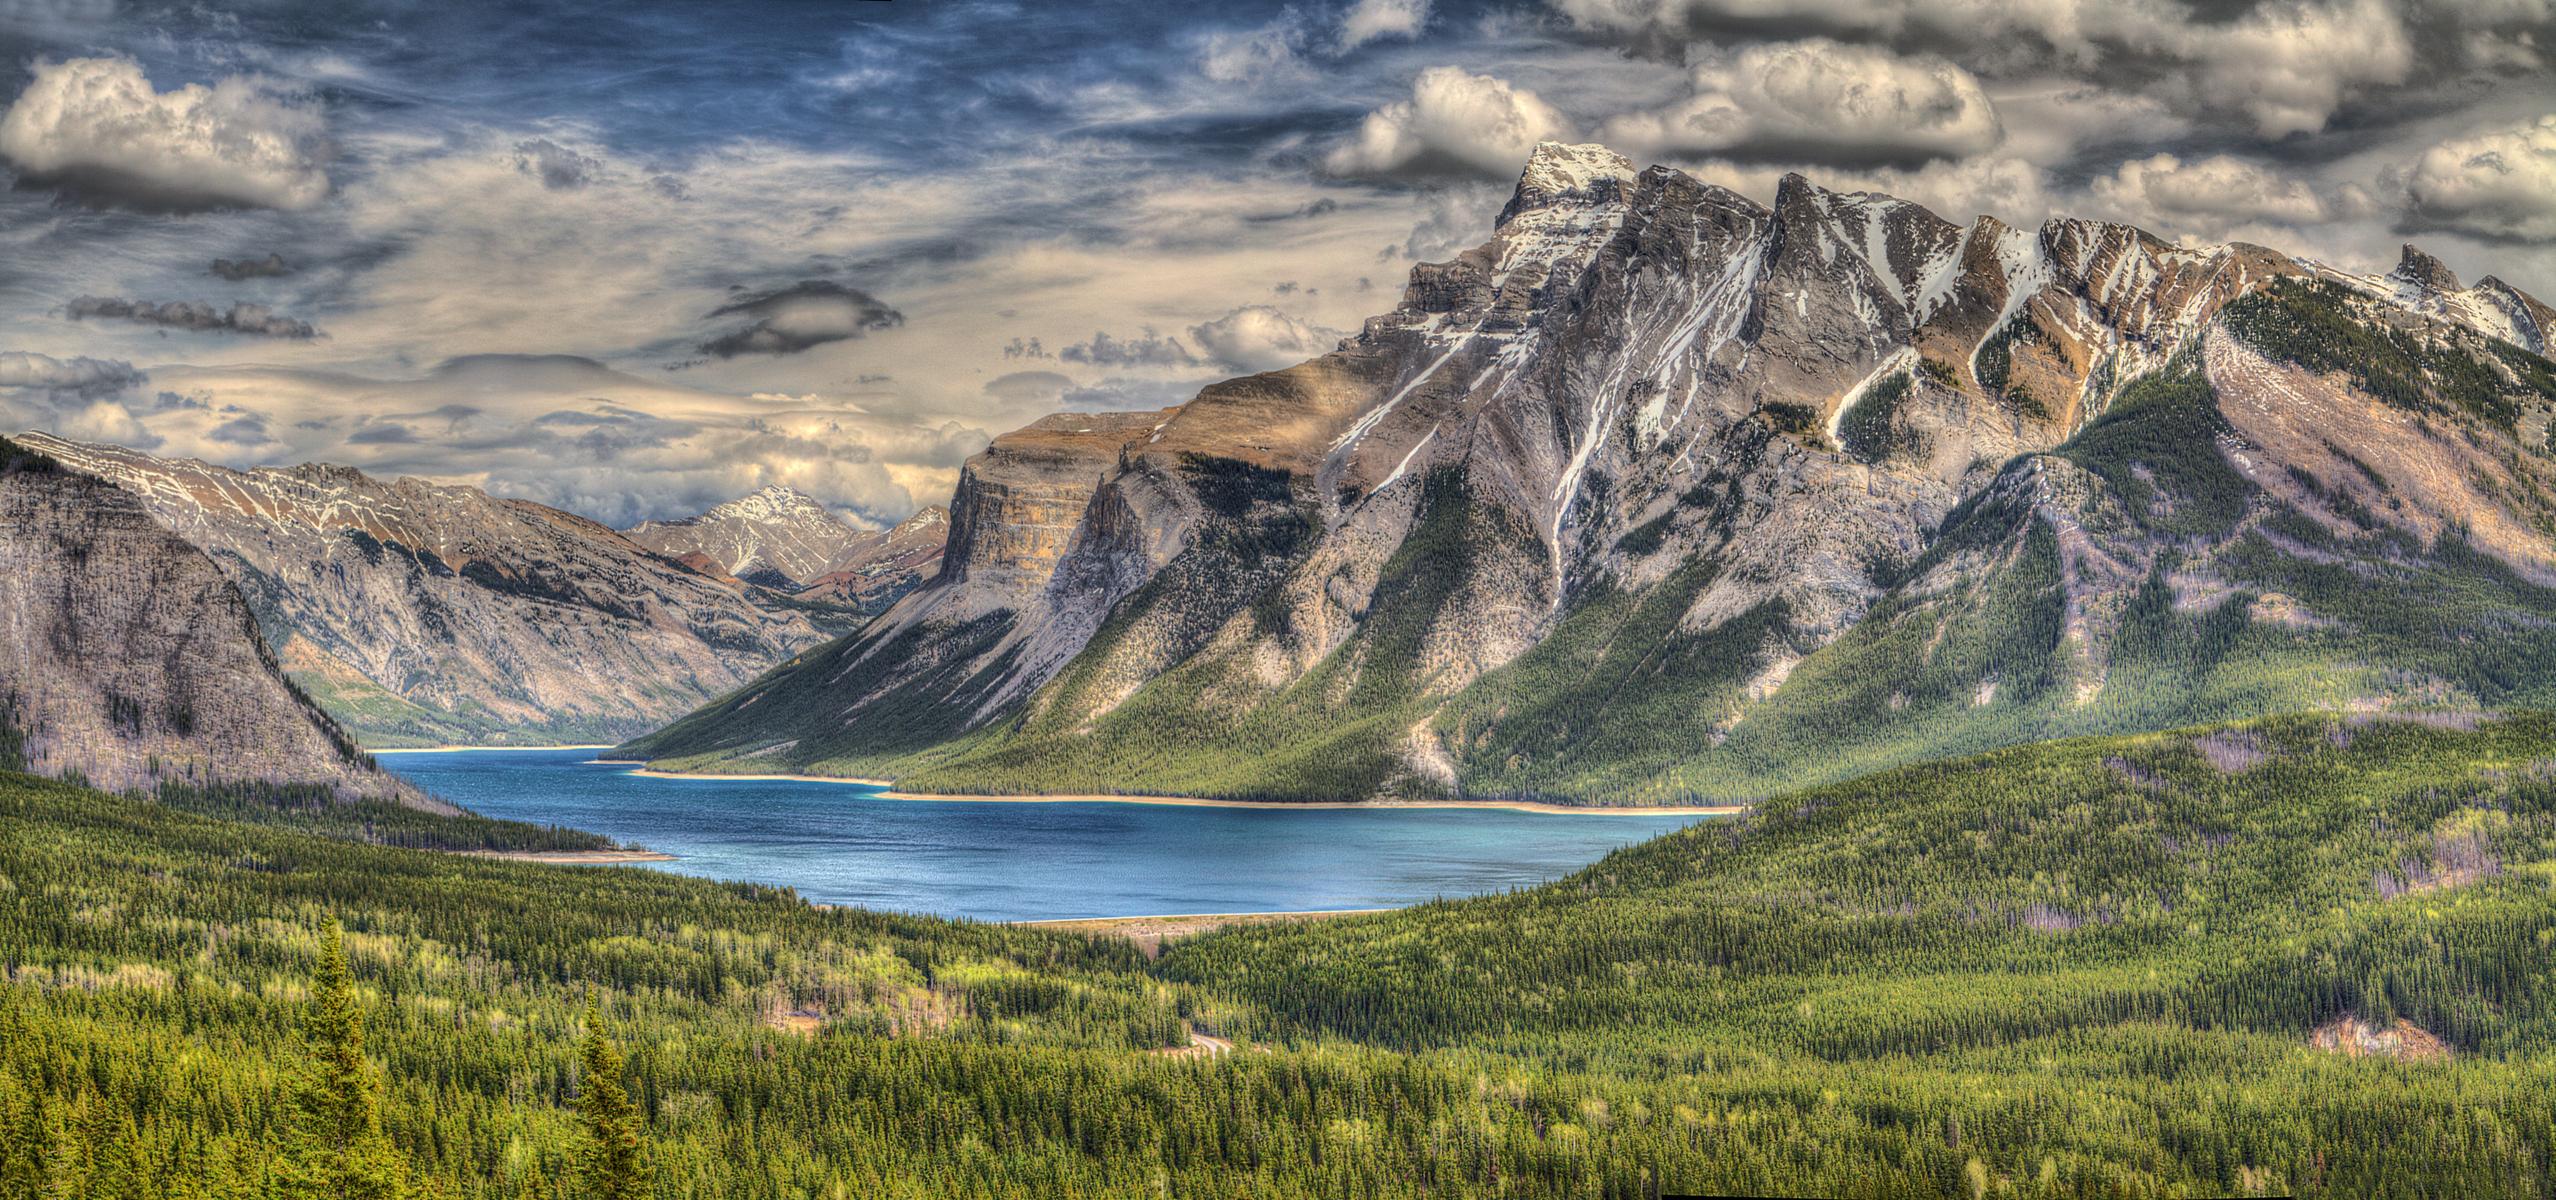 Озеро у подножья горы бесплатно